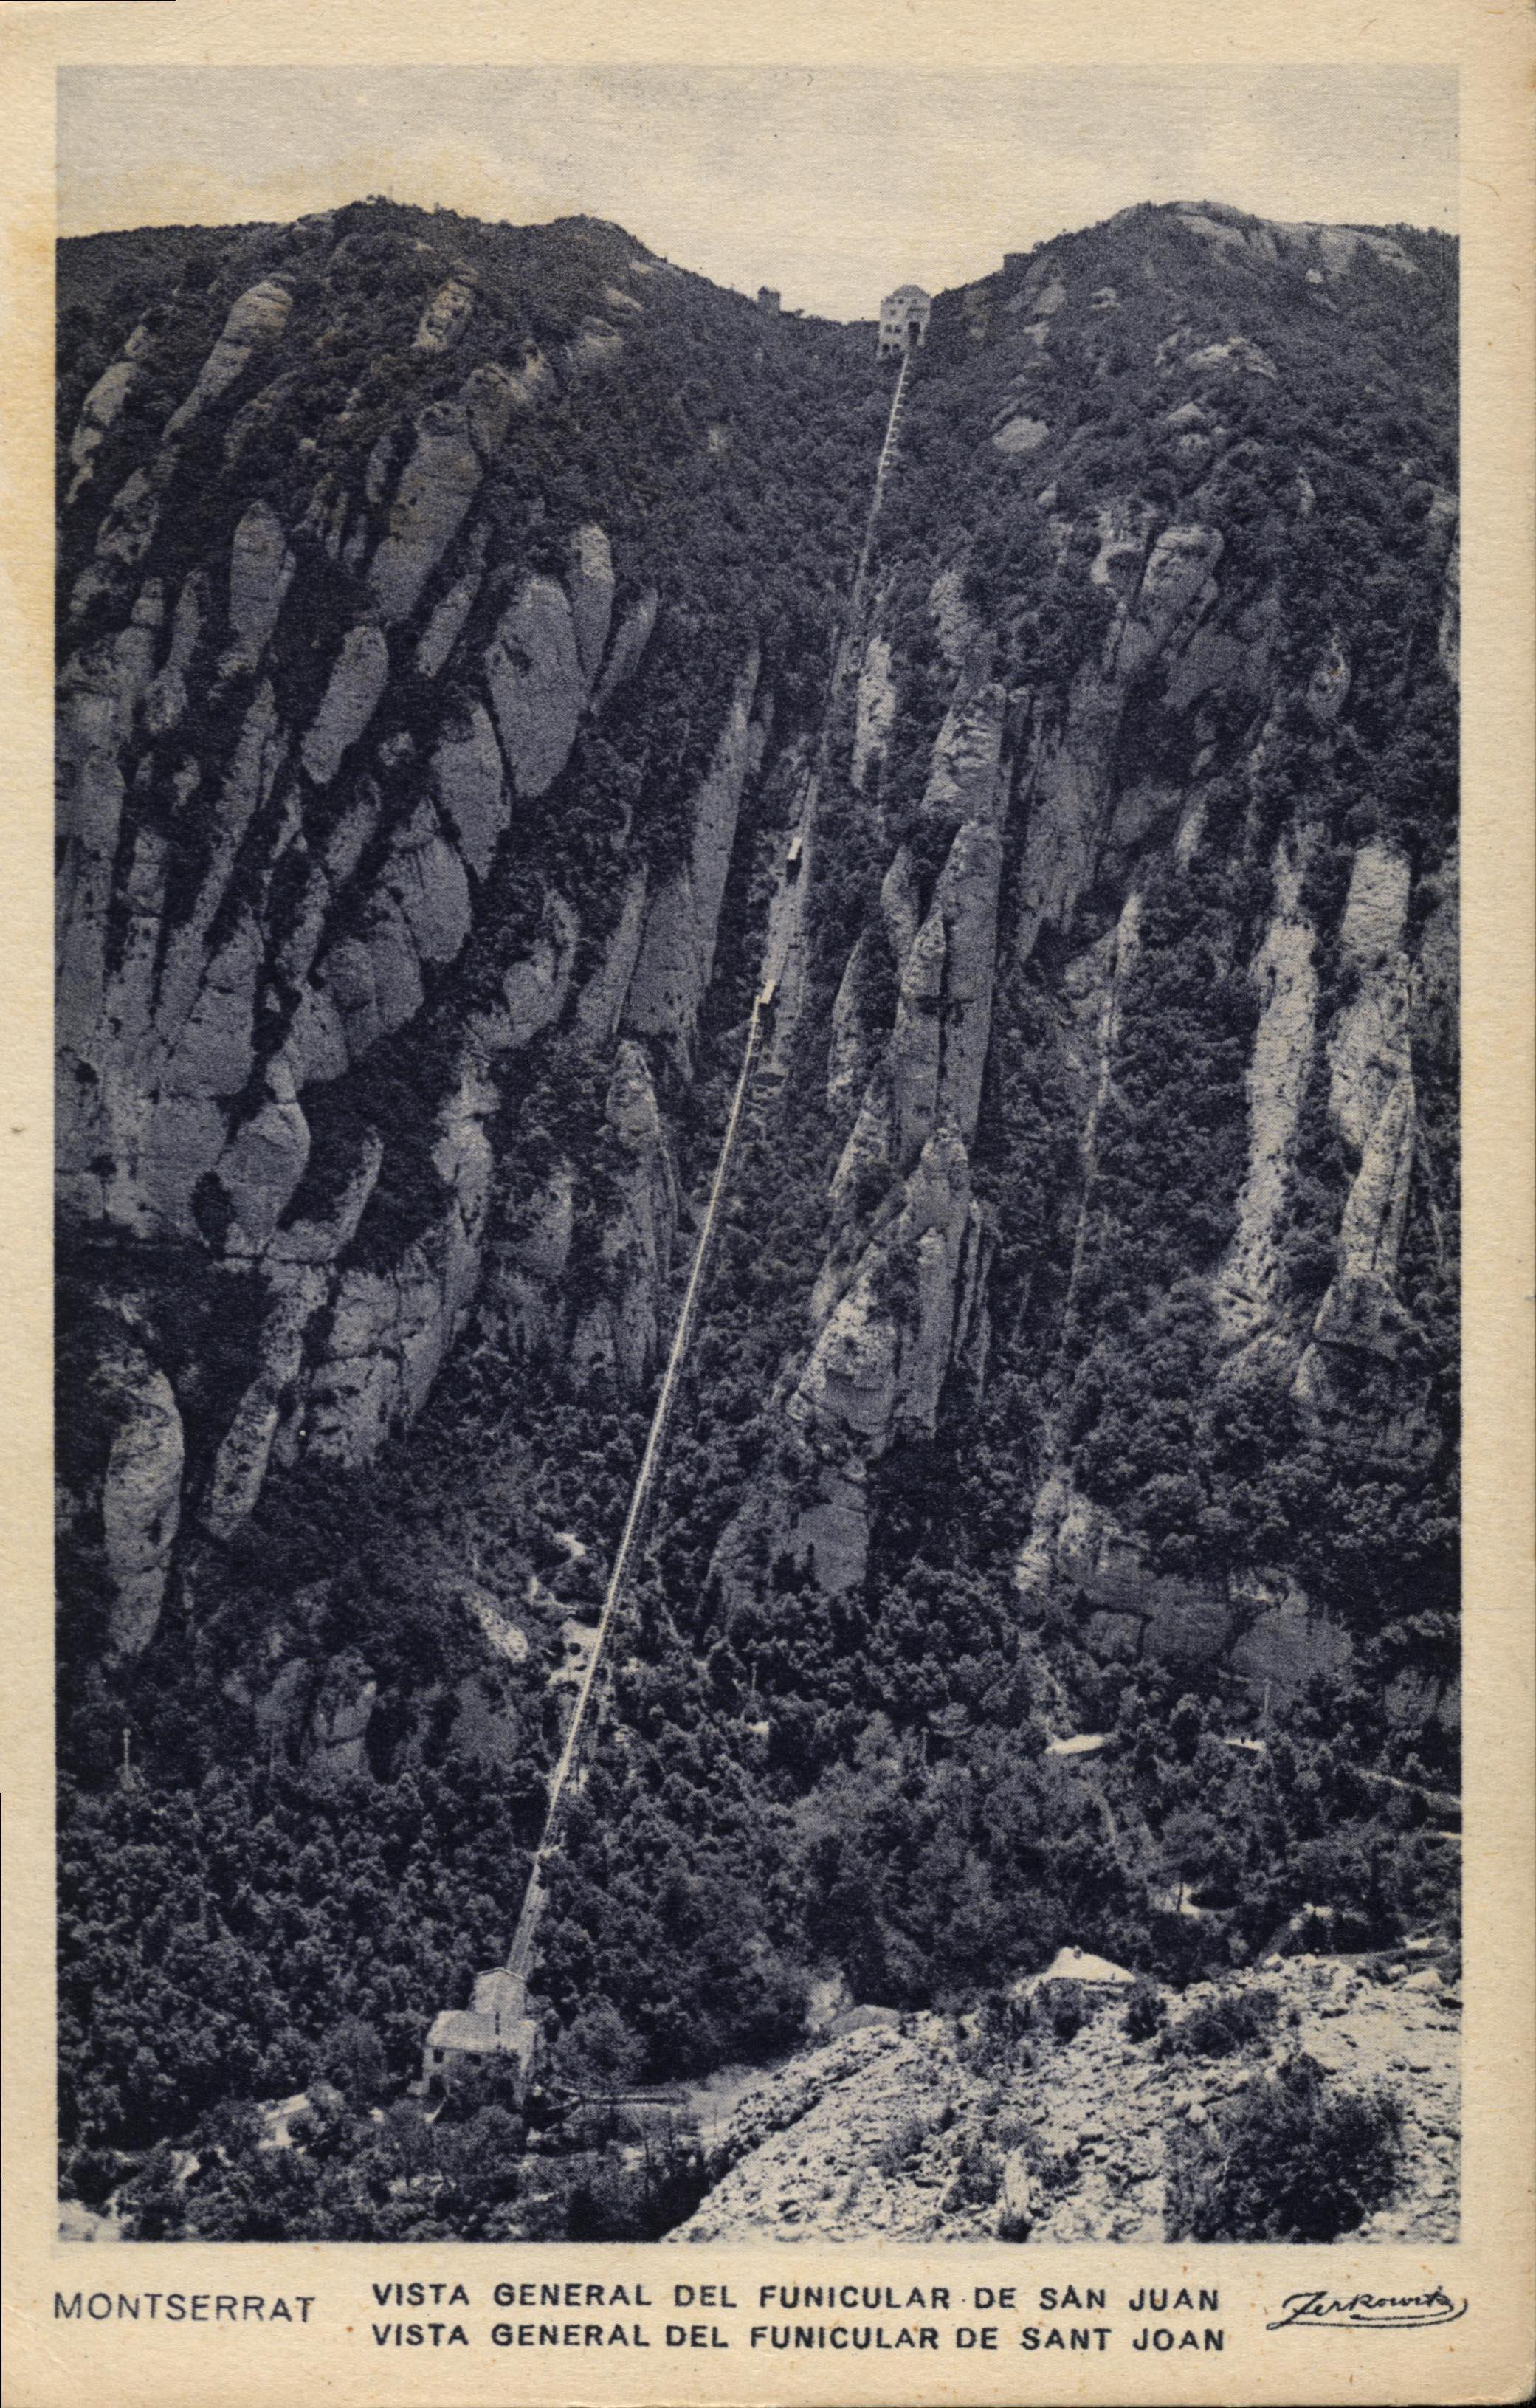 Montserrat album de postals 20101125162104148 girada